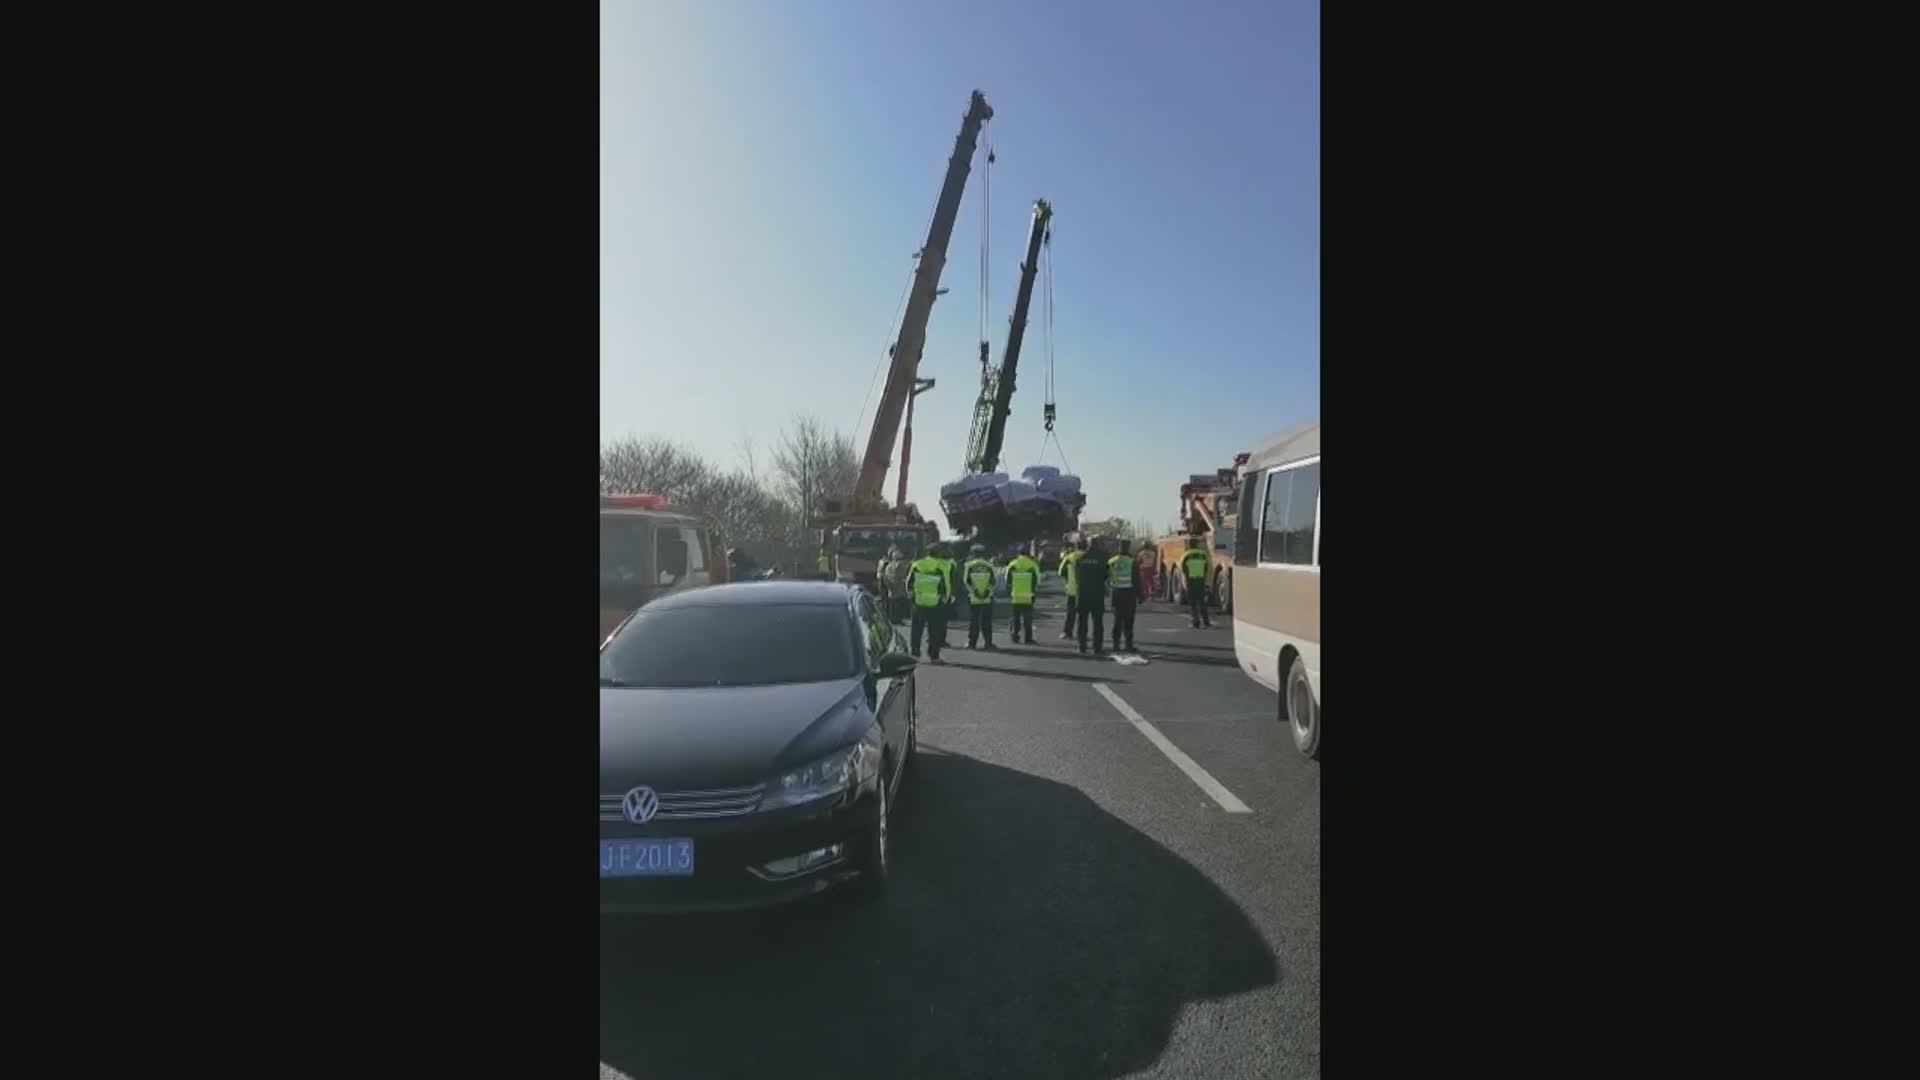 (Multimídia) Colisão entre caminhão e ônibus deixa 11 mortos e 19 feridos no leste da China